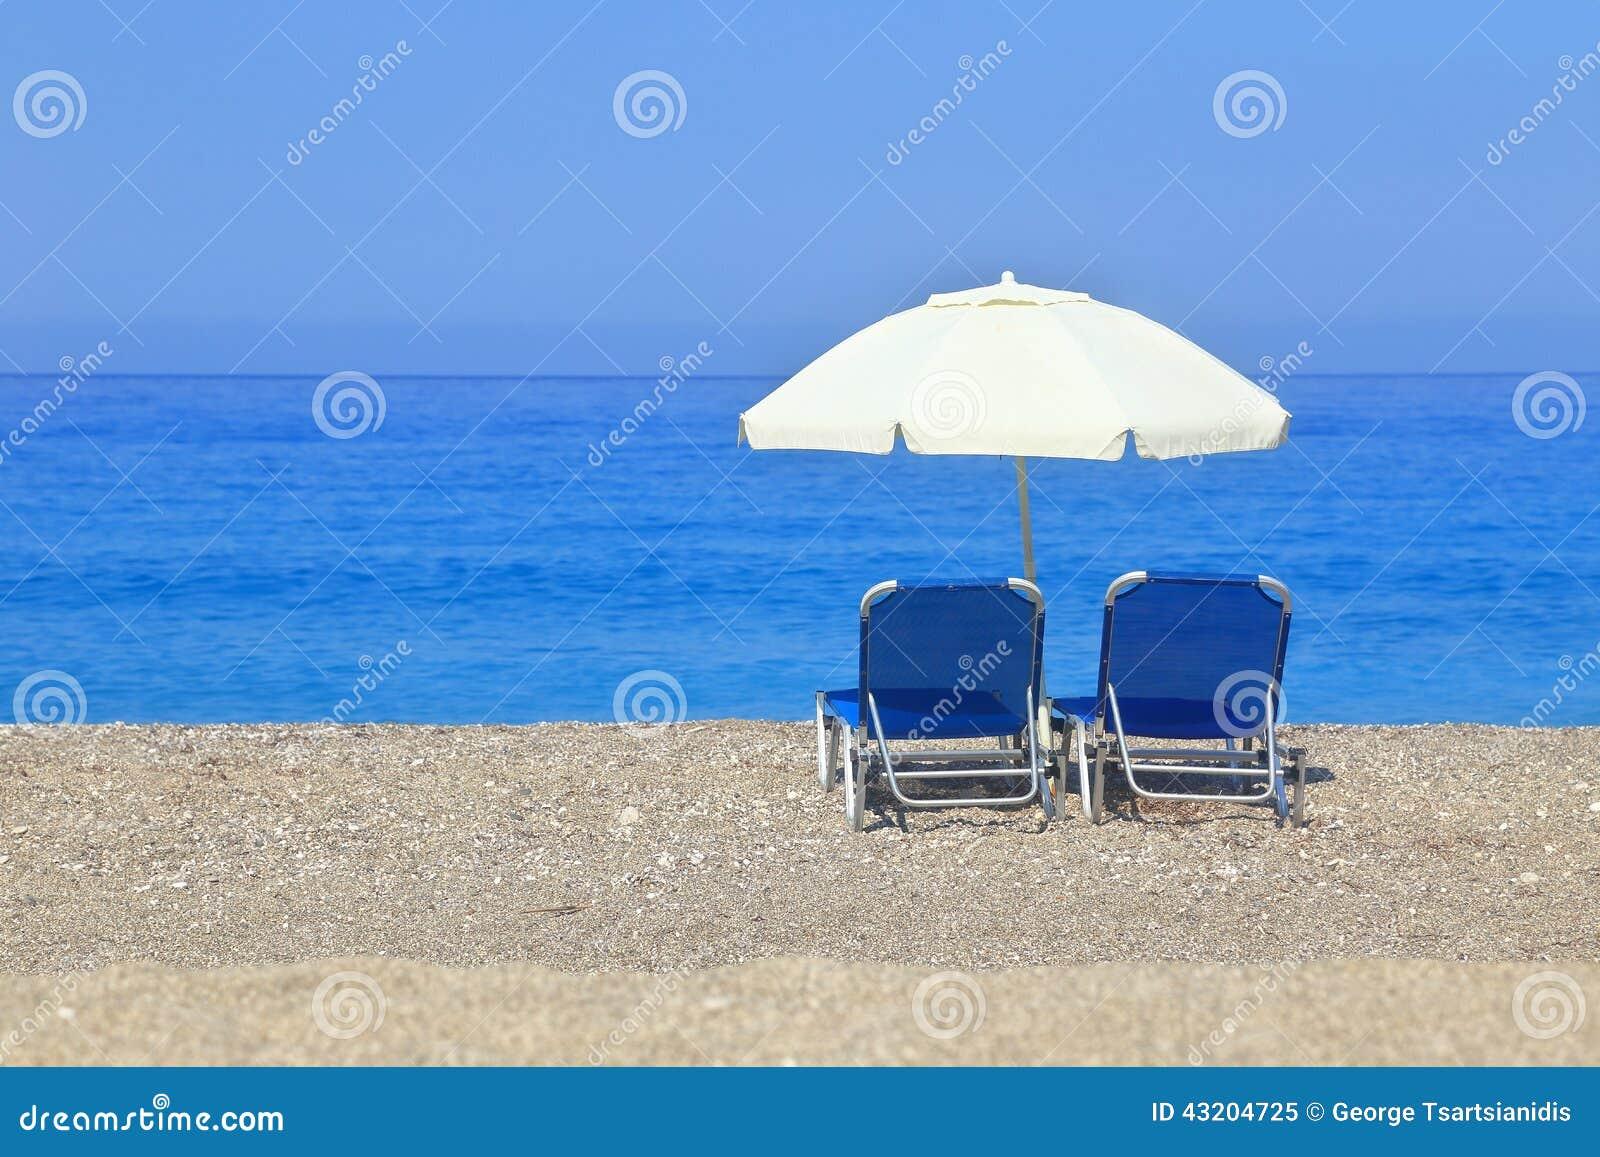 Download Sandig Strand Med Slags Solskydd Och Två Sunbeds Fotografering för Bildbyråer - Bild av grek, semester: 43204725